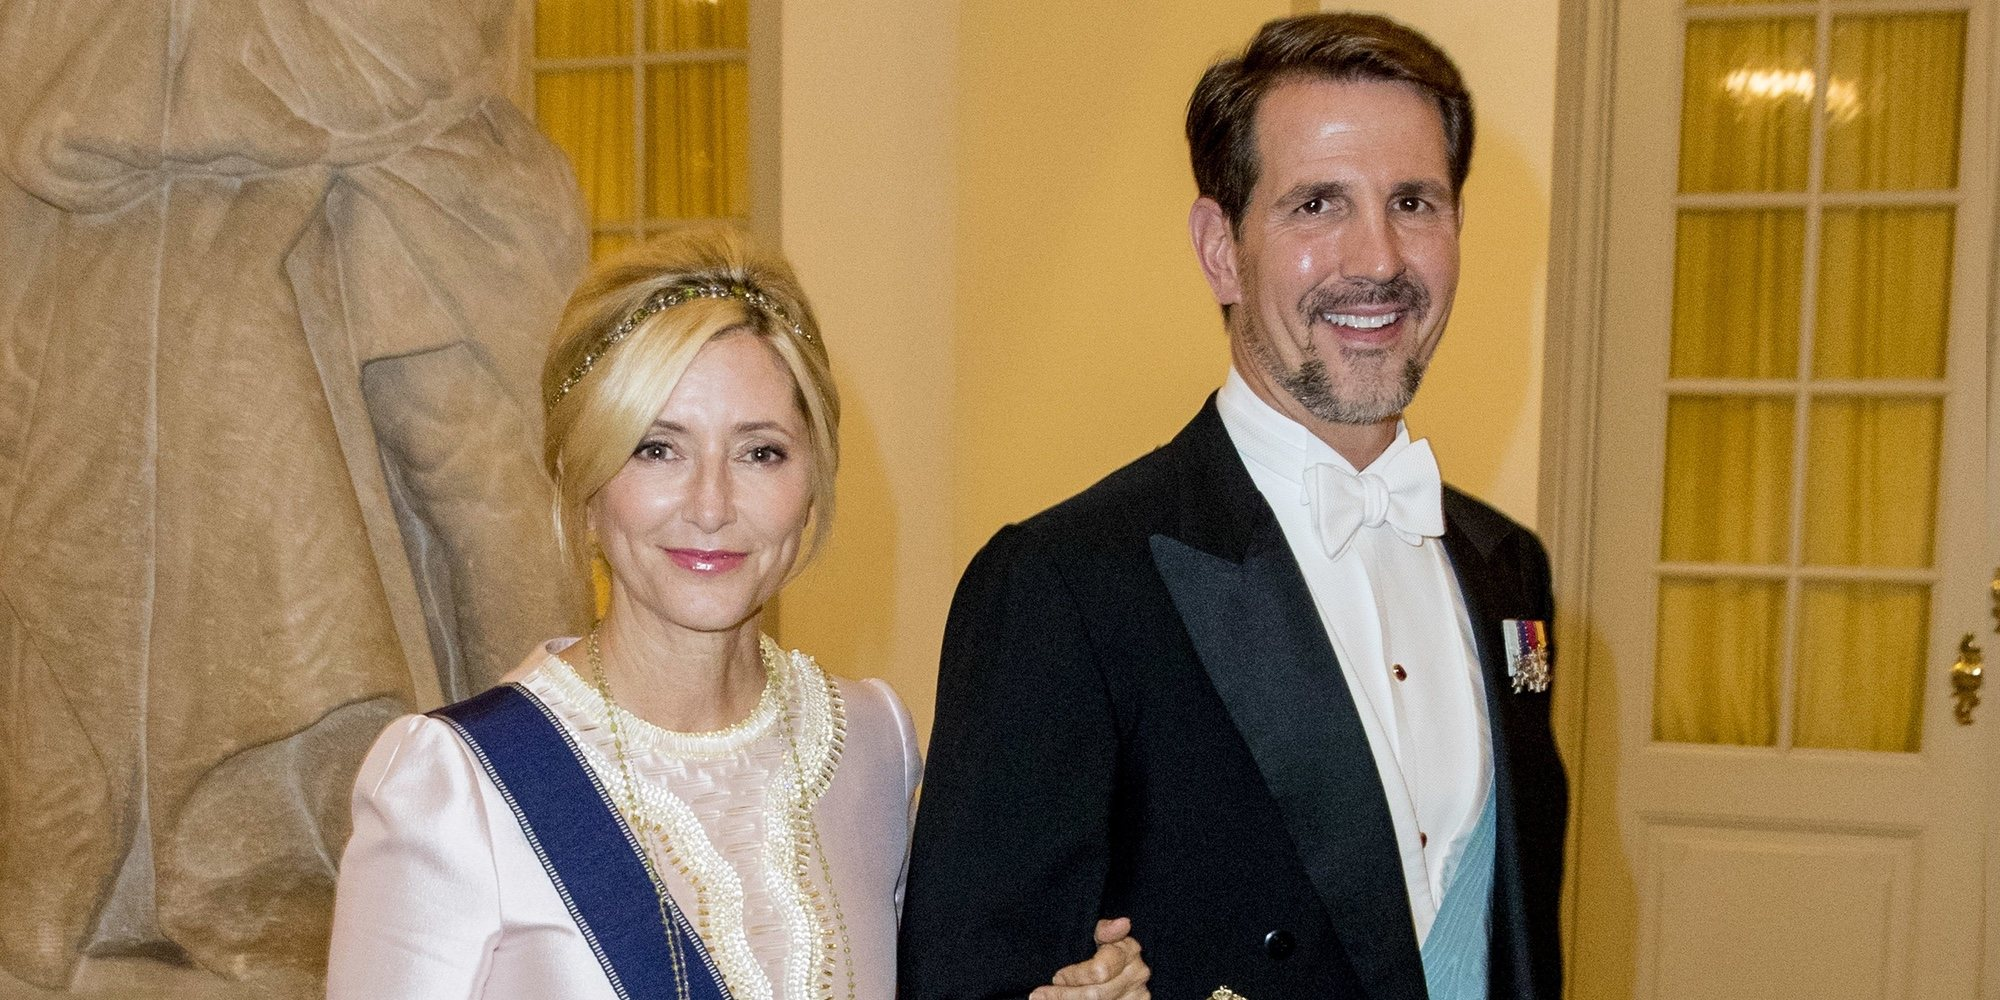 El 'dardo' que Pablo y Marie Chantal de Grecia han lanzado contra la Reina Letizia desde Dinamarca